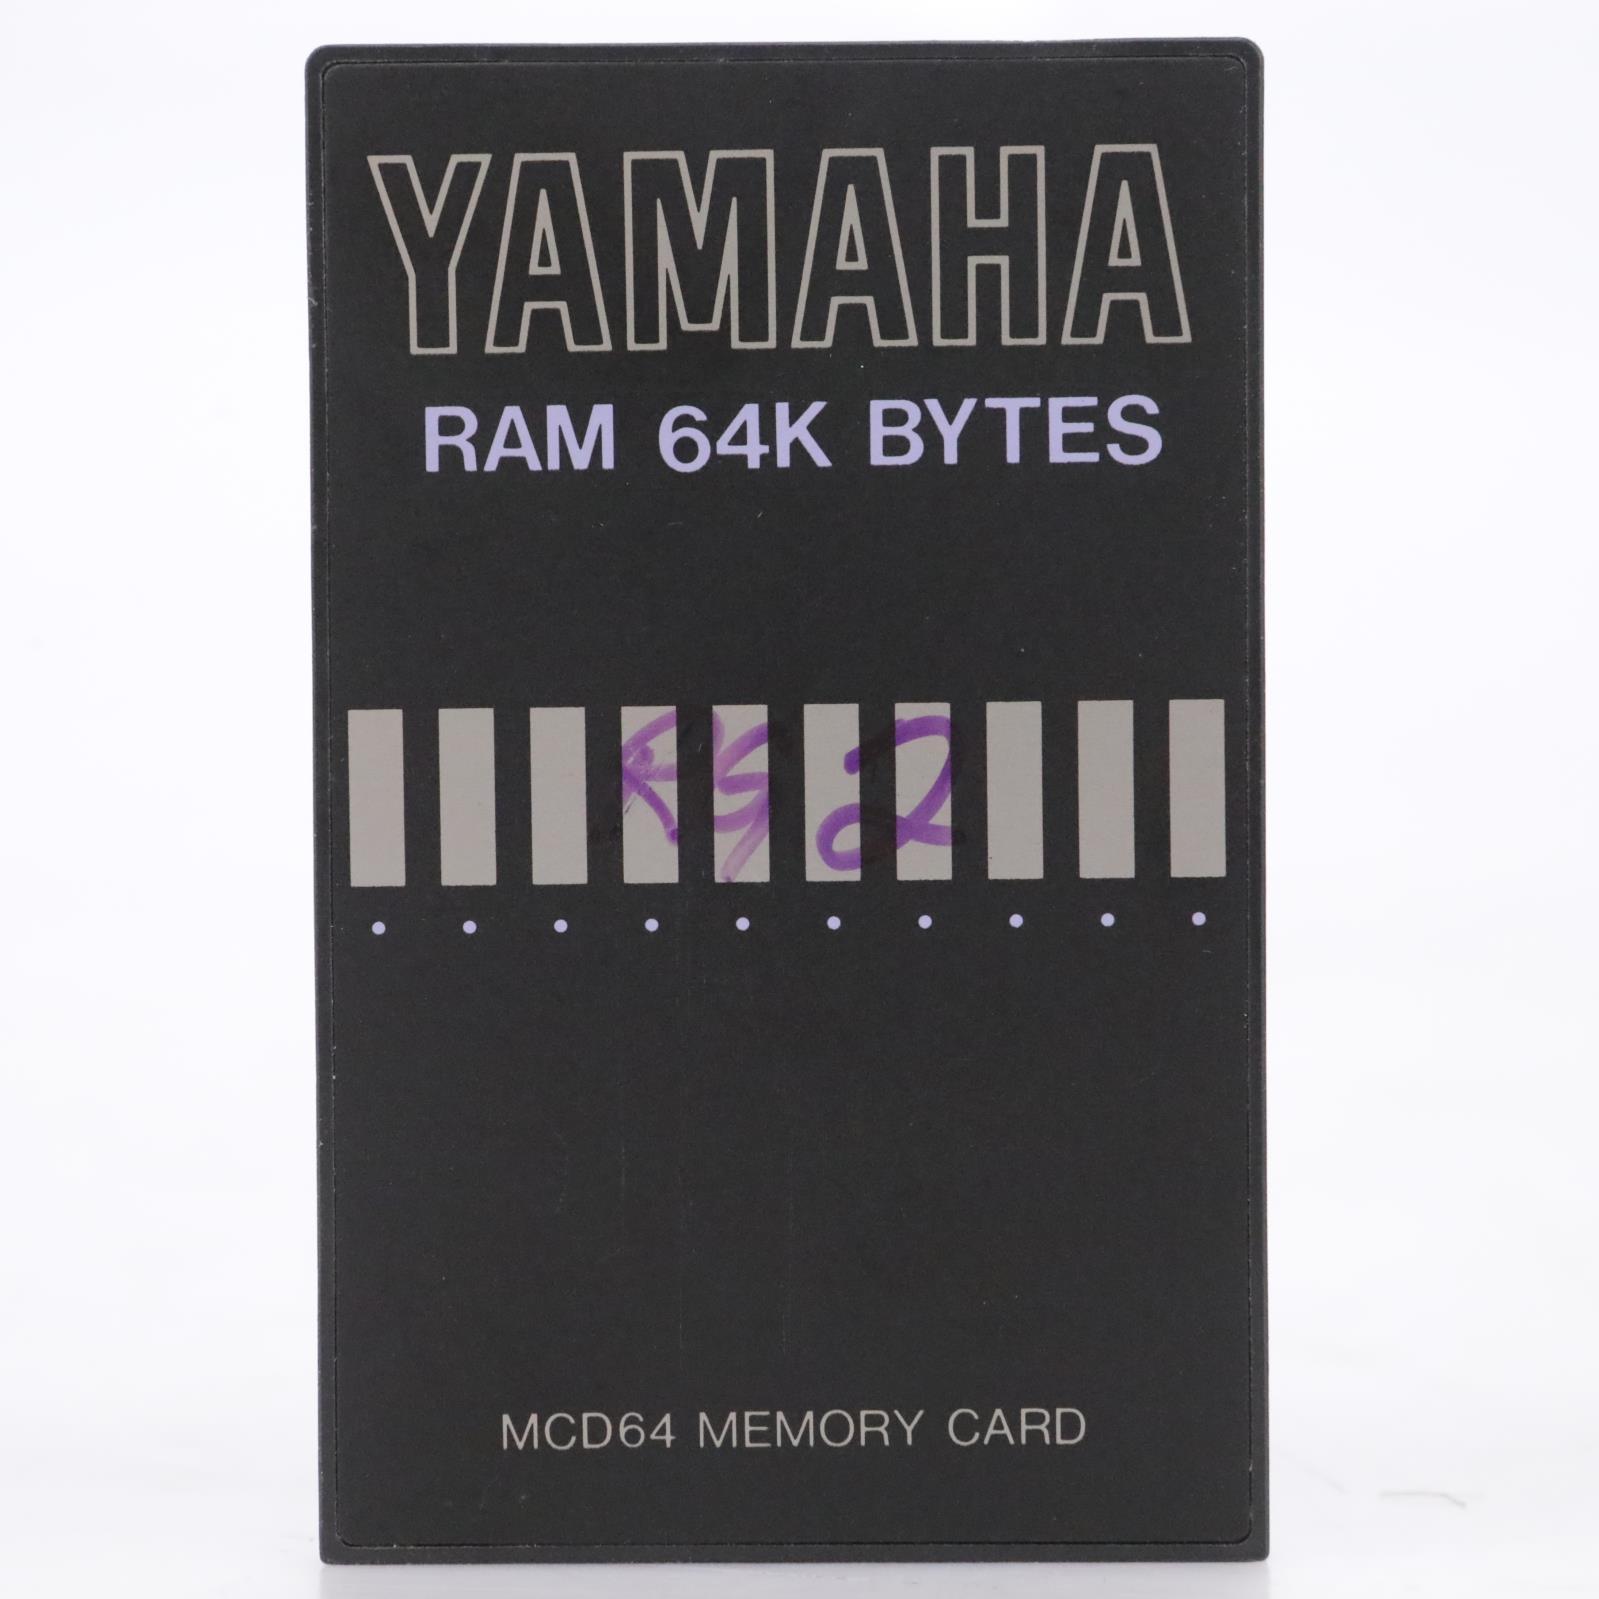 Yamaha MCD64 RAM 64K Bytes Memory Card #44181